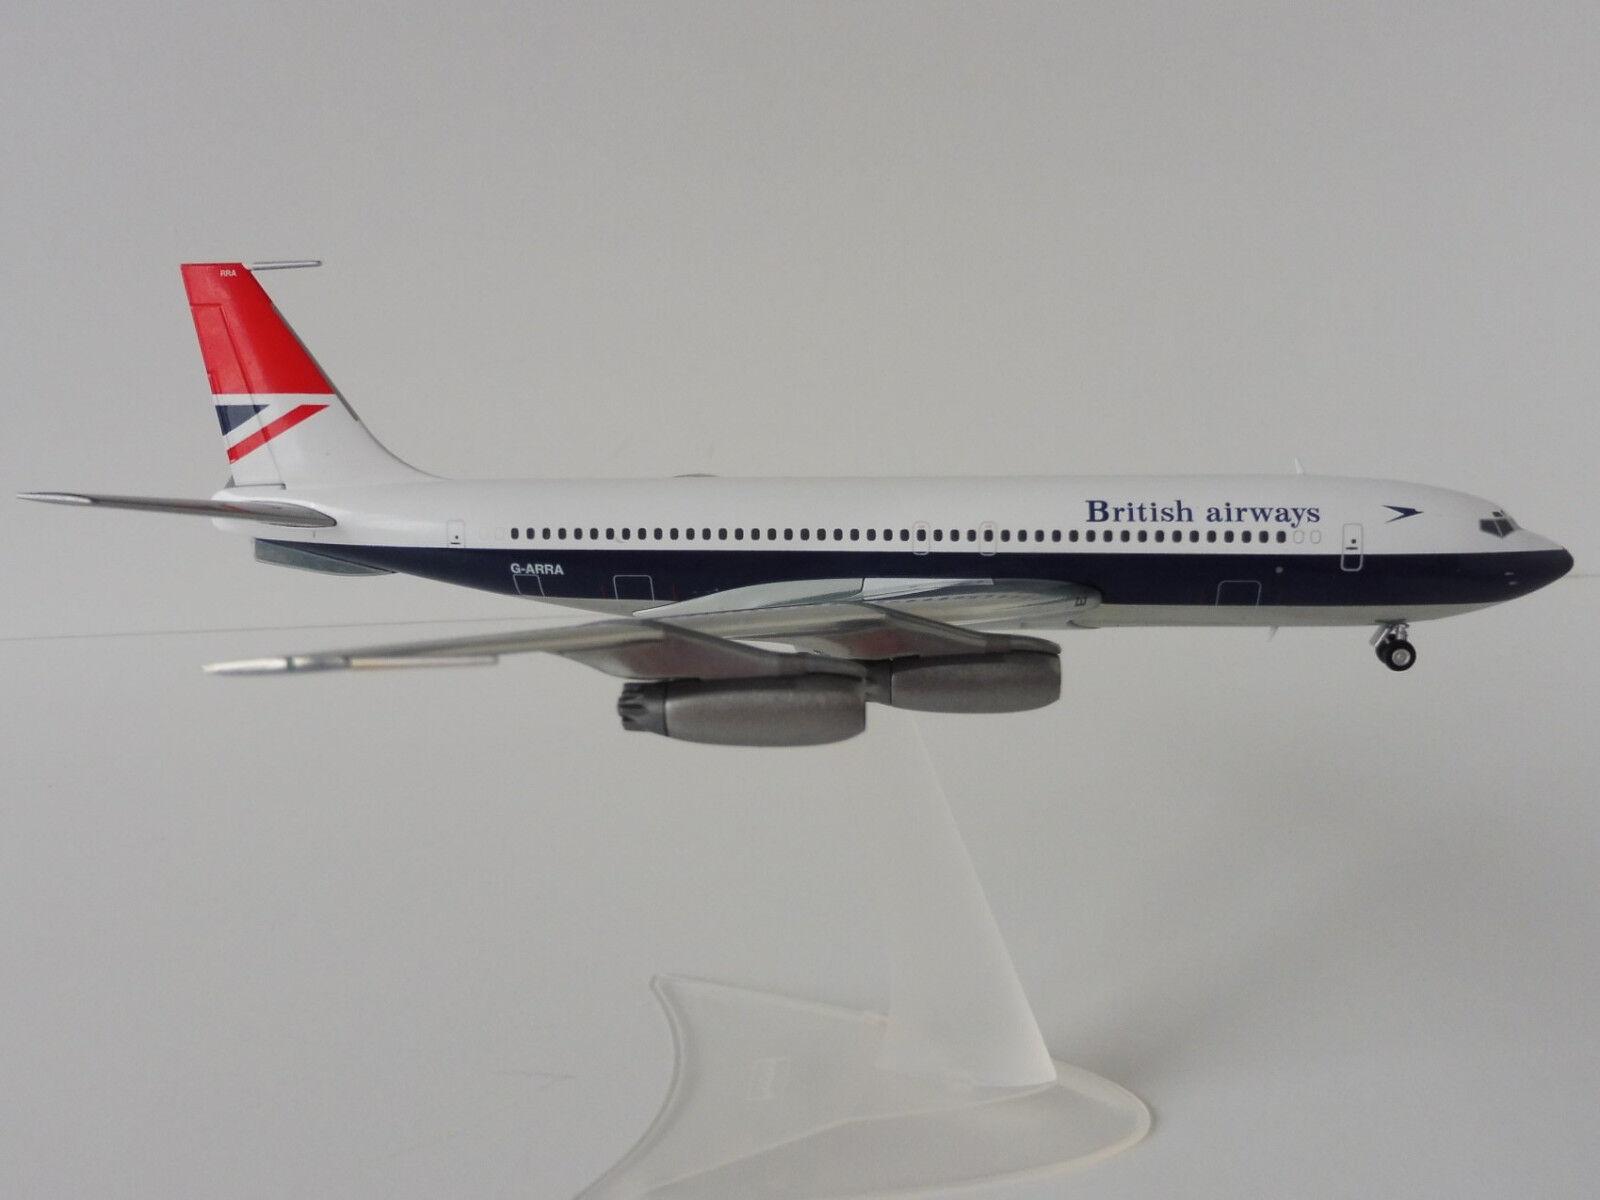 Boeing 707-400 British Airways 1 200 Herpa 558464 707 707 707 G-arra BOAC 92c85b